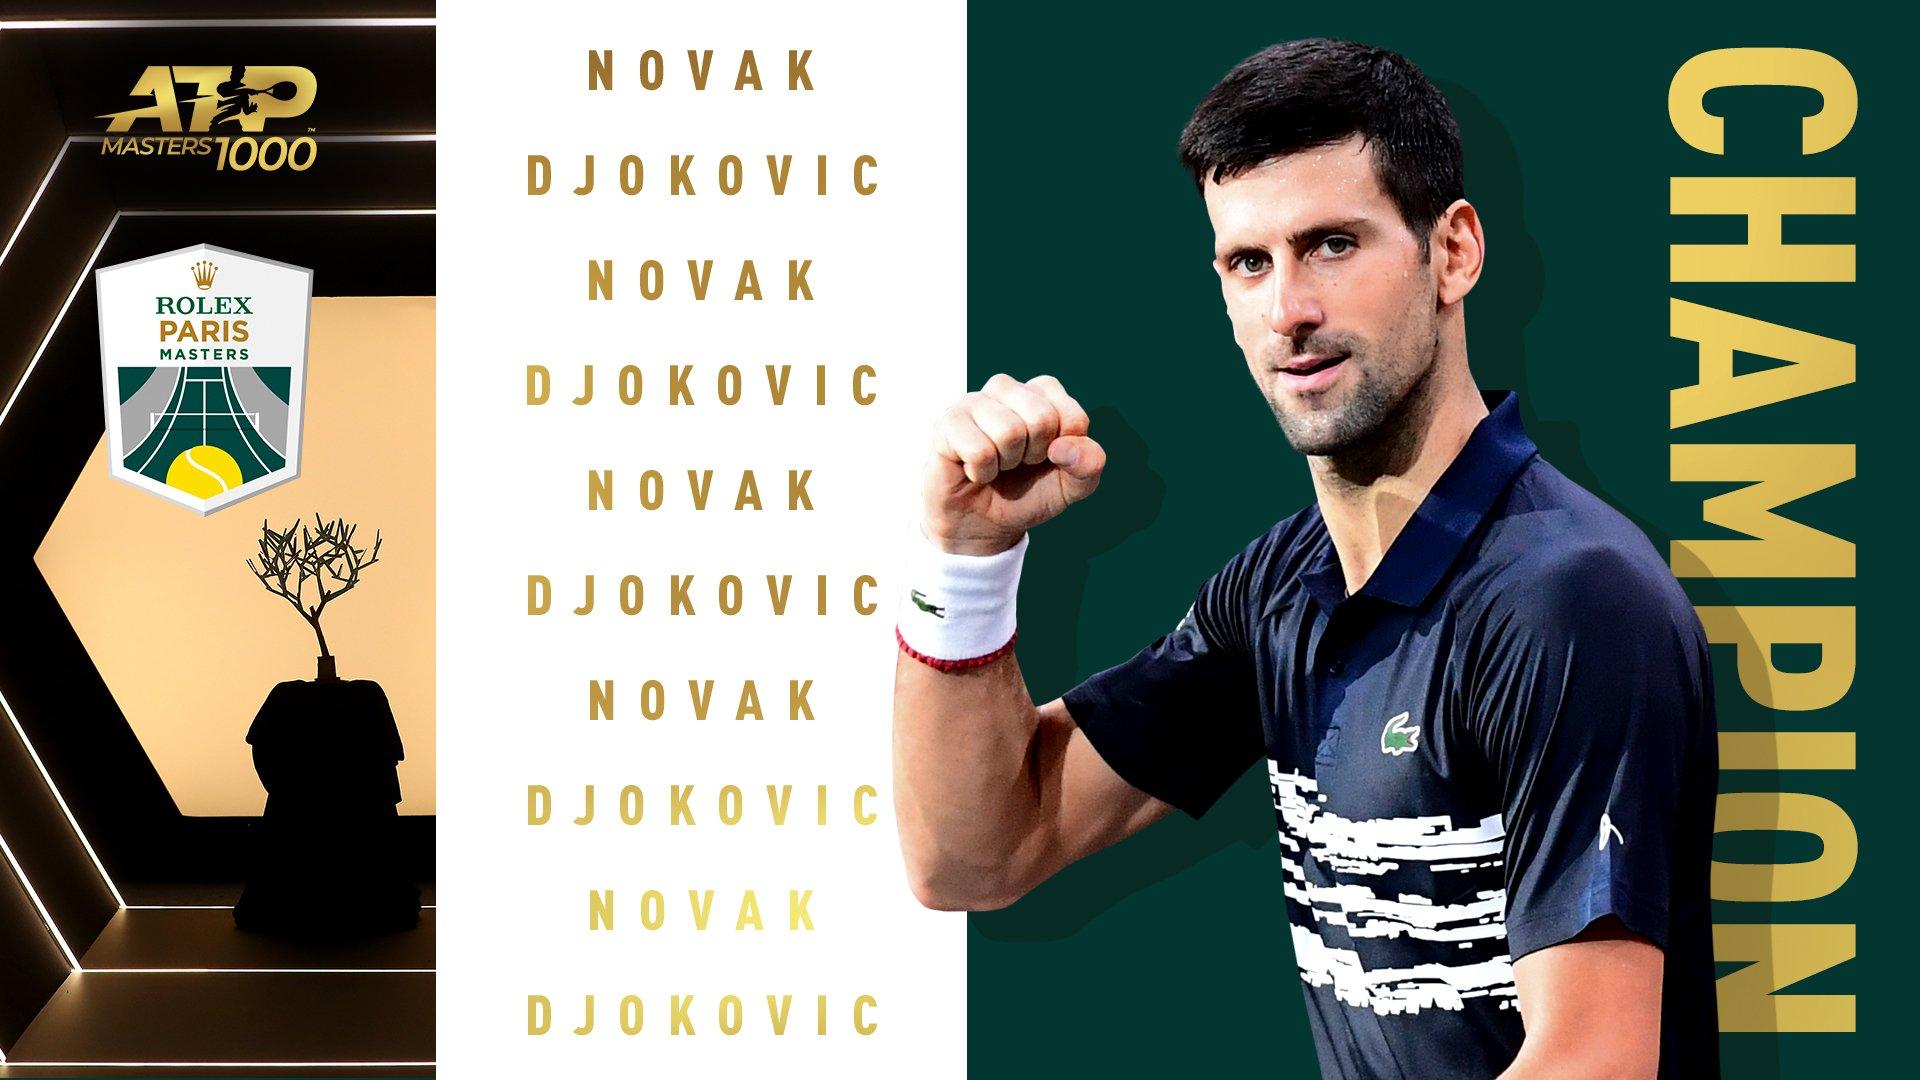 ATP-Փարիզ․ Ջոկովիչը հաղթեց Շապովալովին ու նվաճեց տիտղոսը